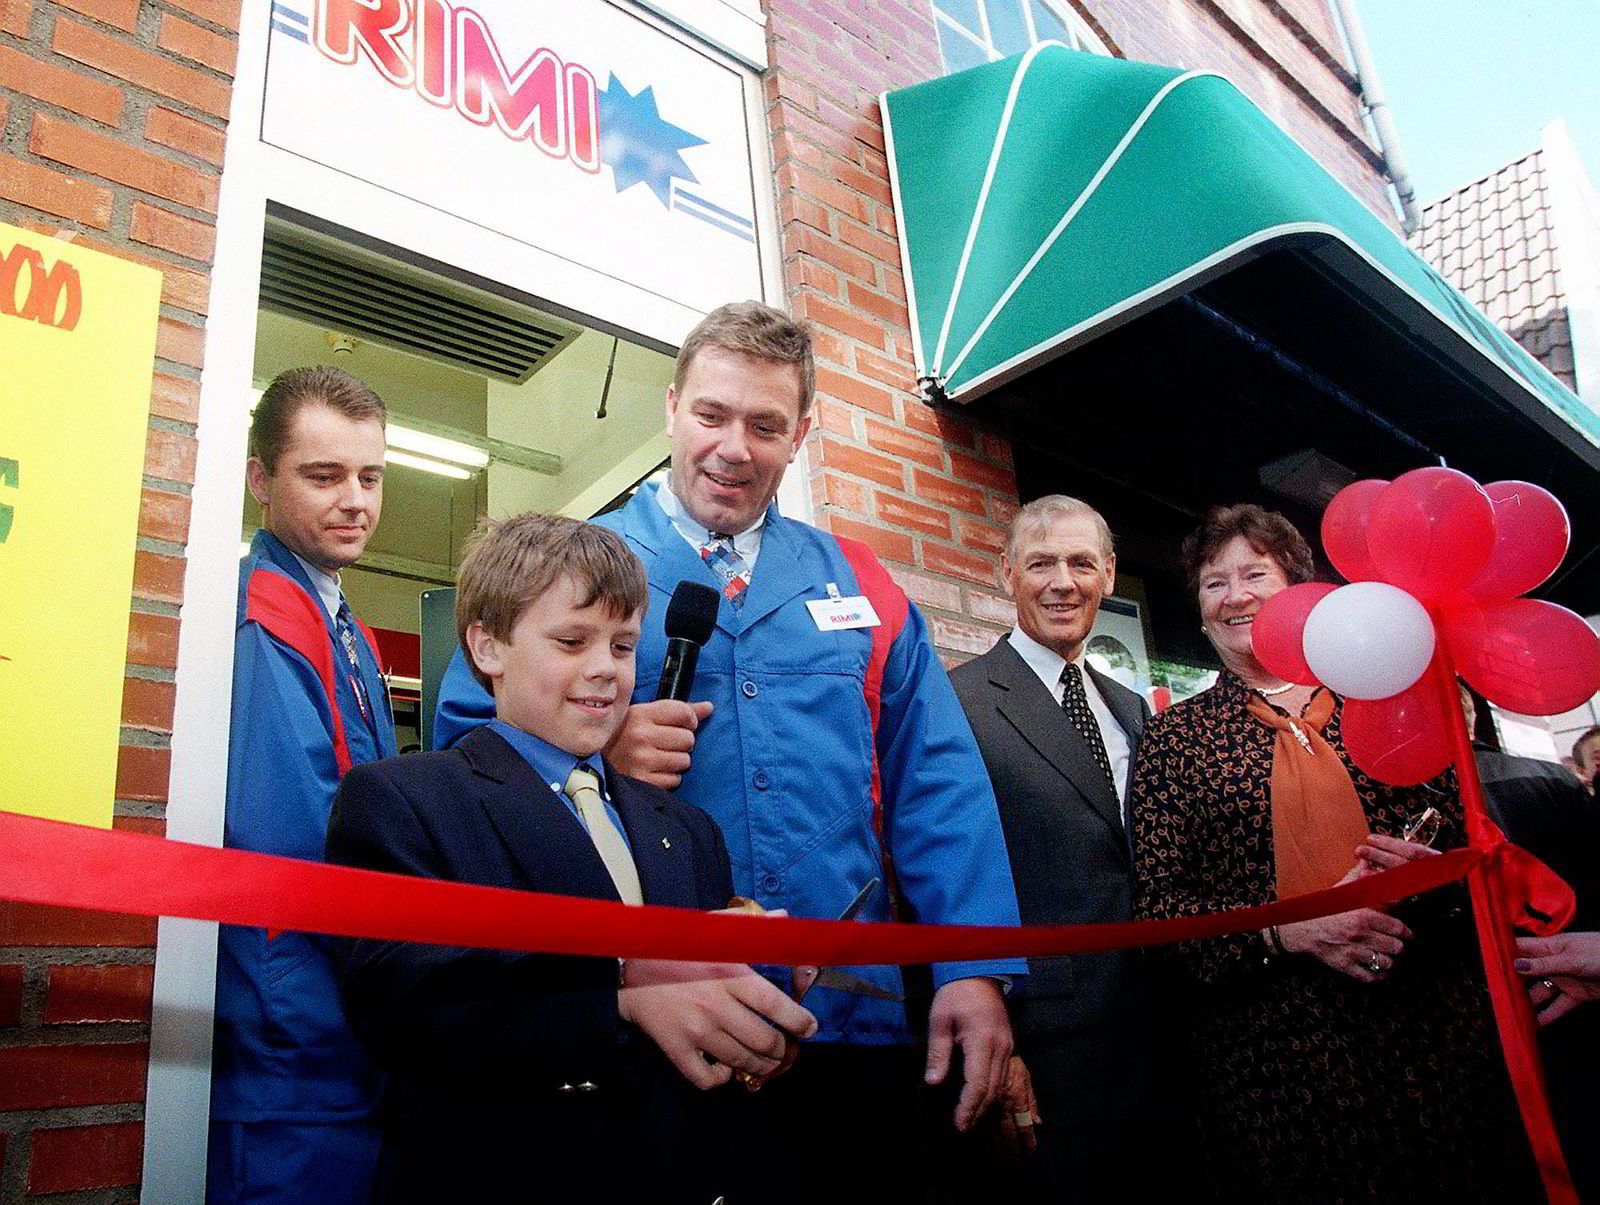 Stein Erik Hagen lot sønnen Carl Erik (da ni år) klippe snoren da Rimi-butikk nummer 500 ble åpnet i Bergen i 1998. Foto: Marit Hommedal/